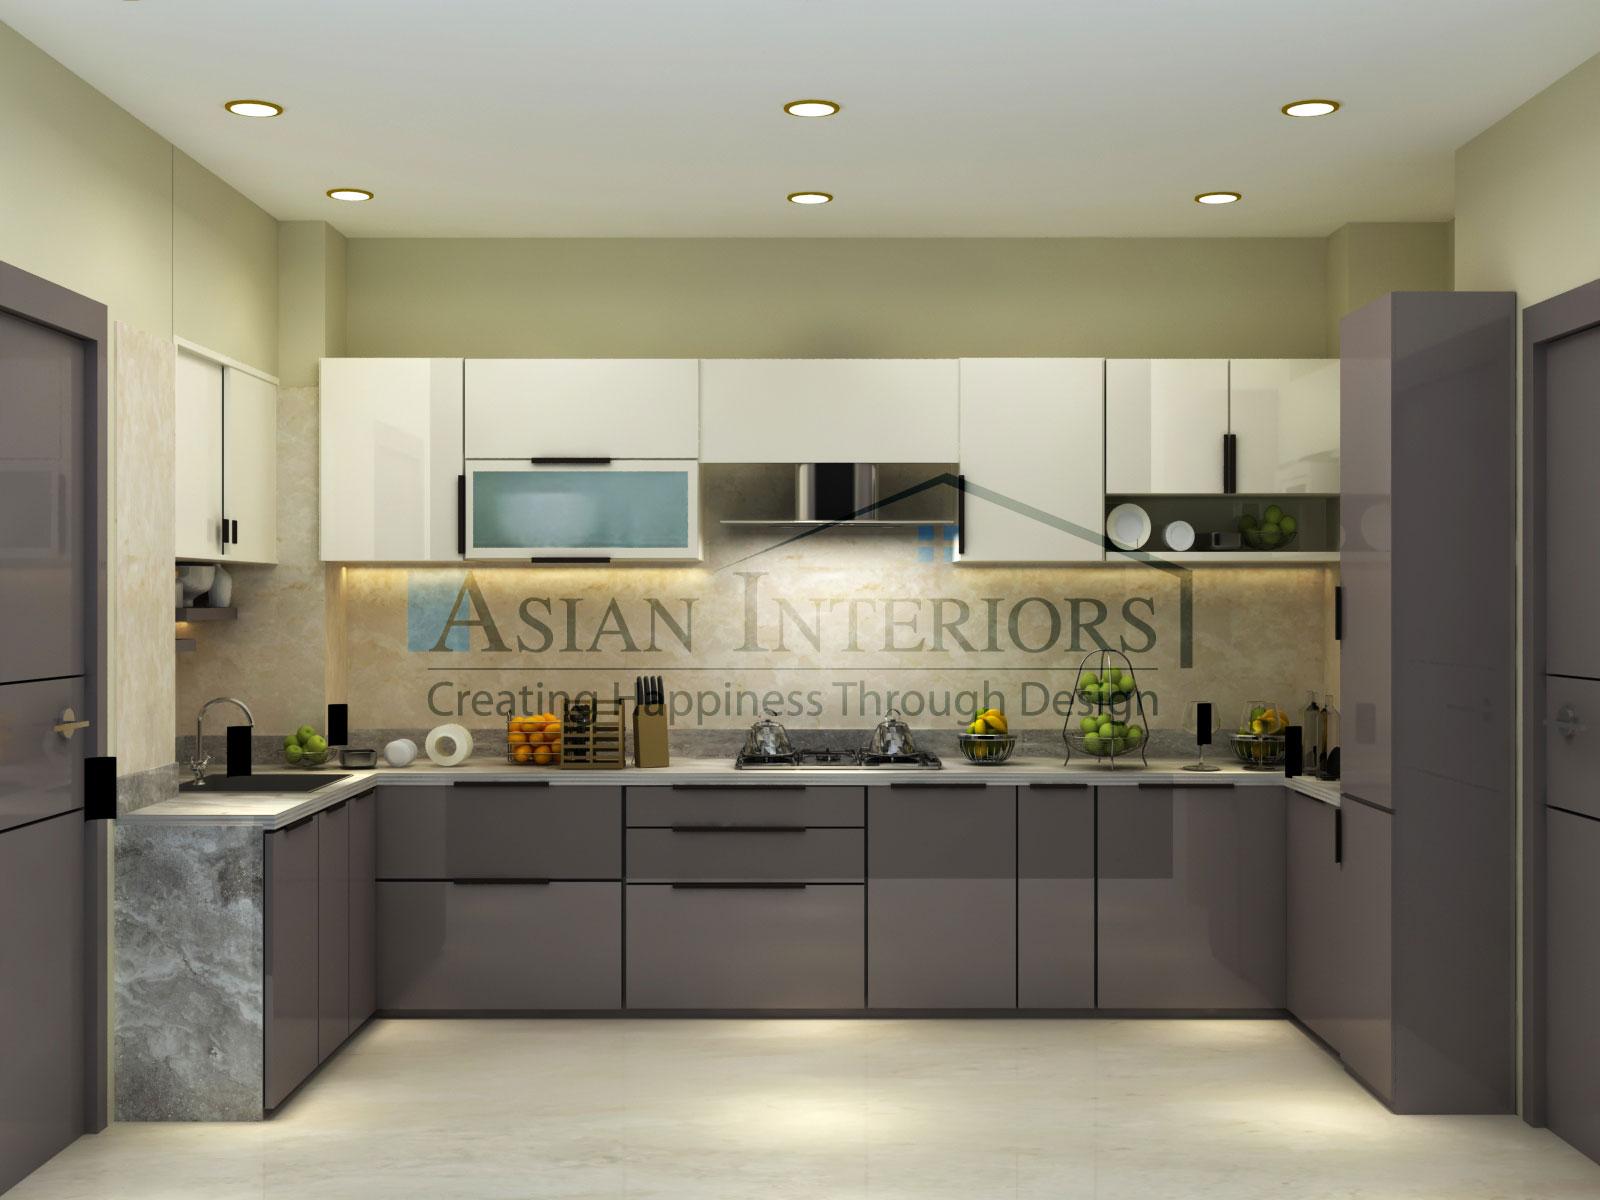 Asian-Interiors-Kitchen23